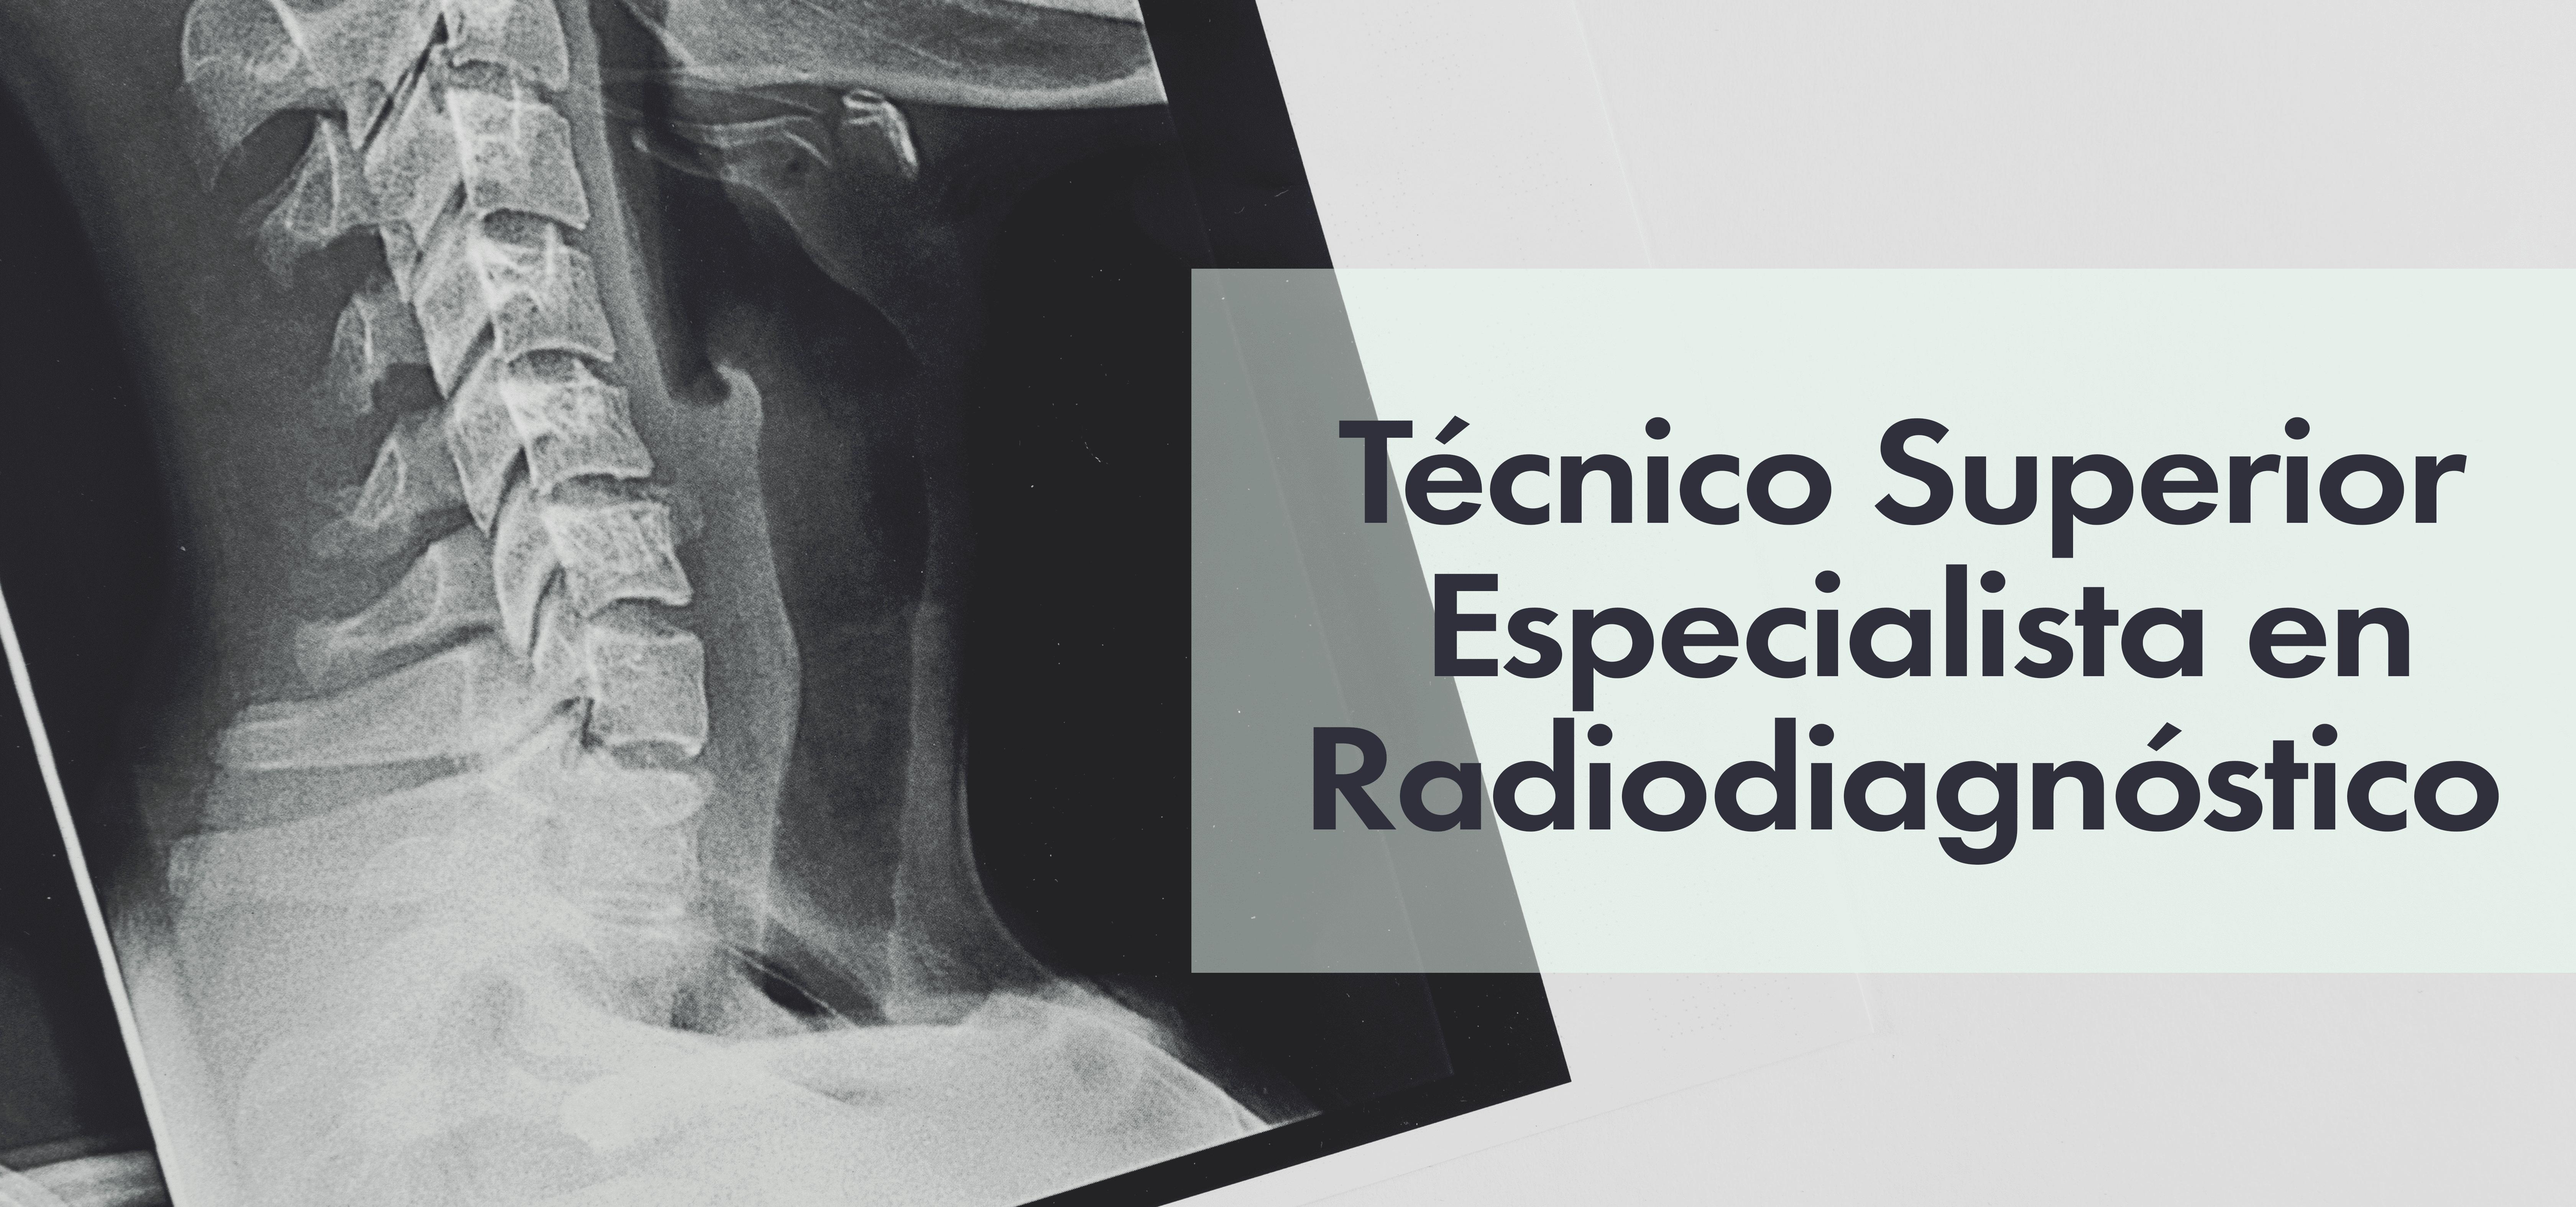 Técnico Superior Especialista en Radiodiagnóstico